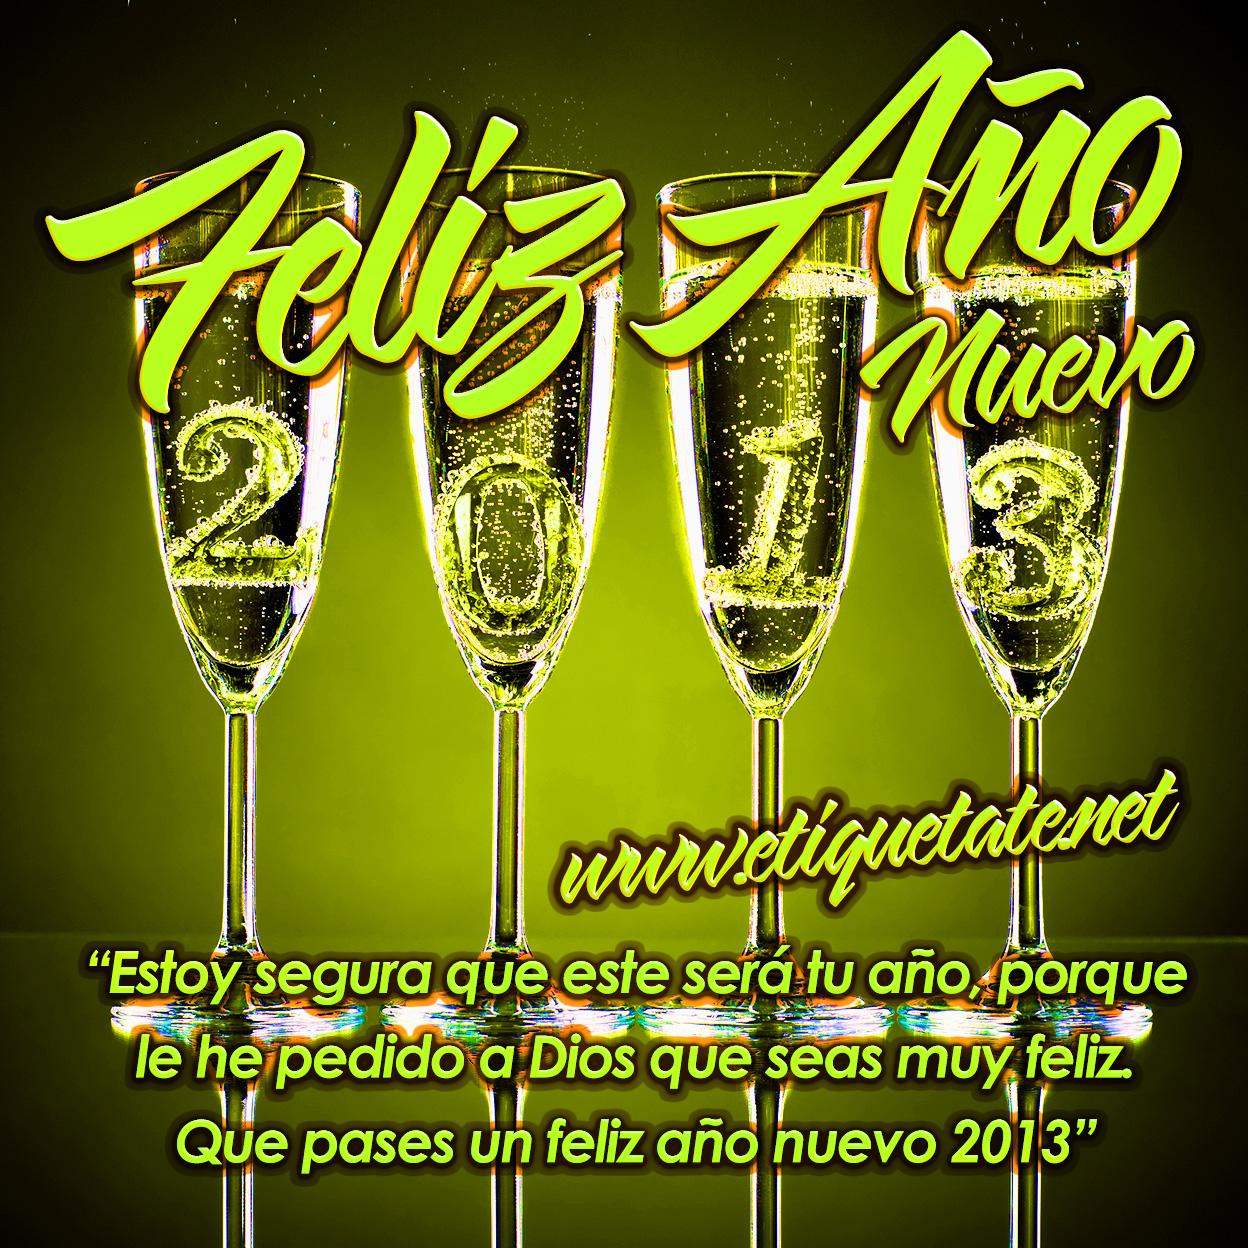 El Año Nuevo 2013, Frases para el 2013, Imágenes de Año Nuevo 2013